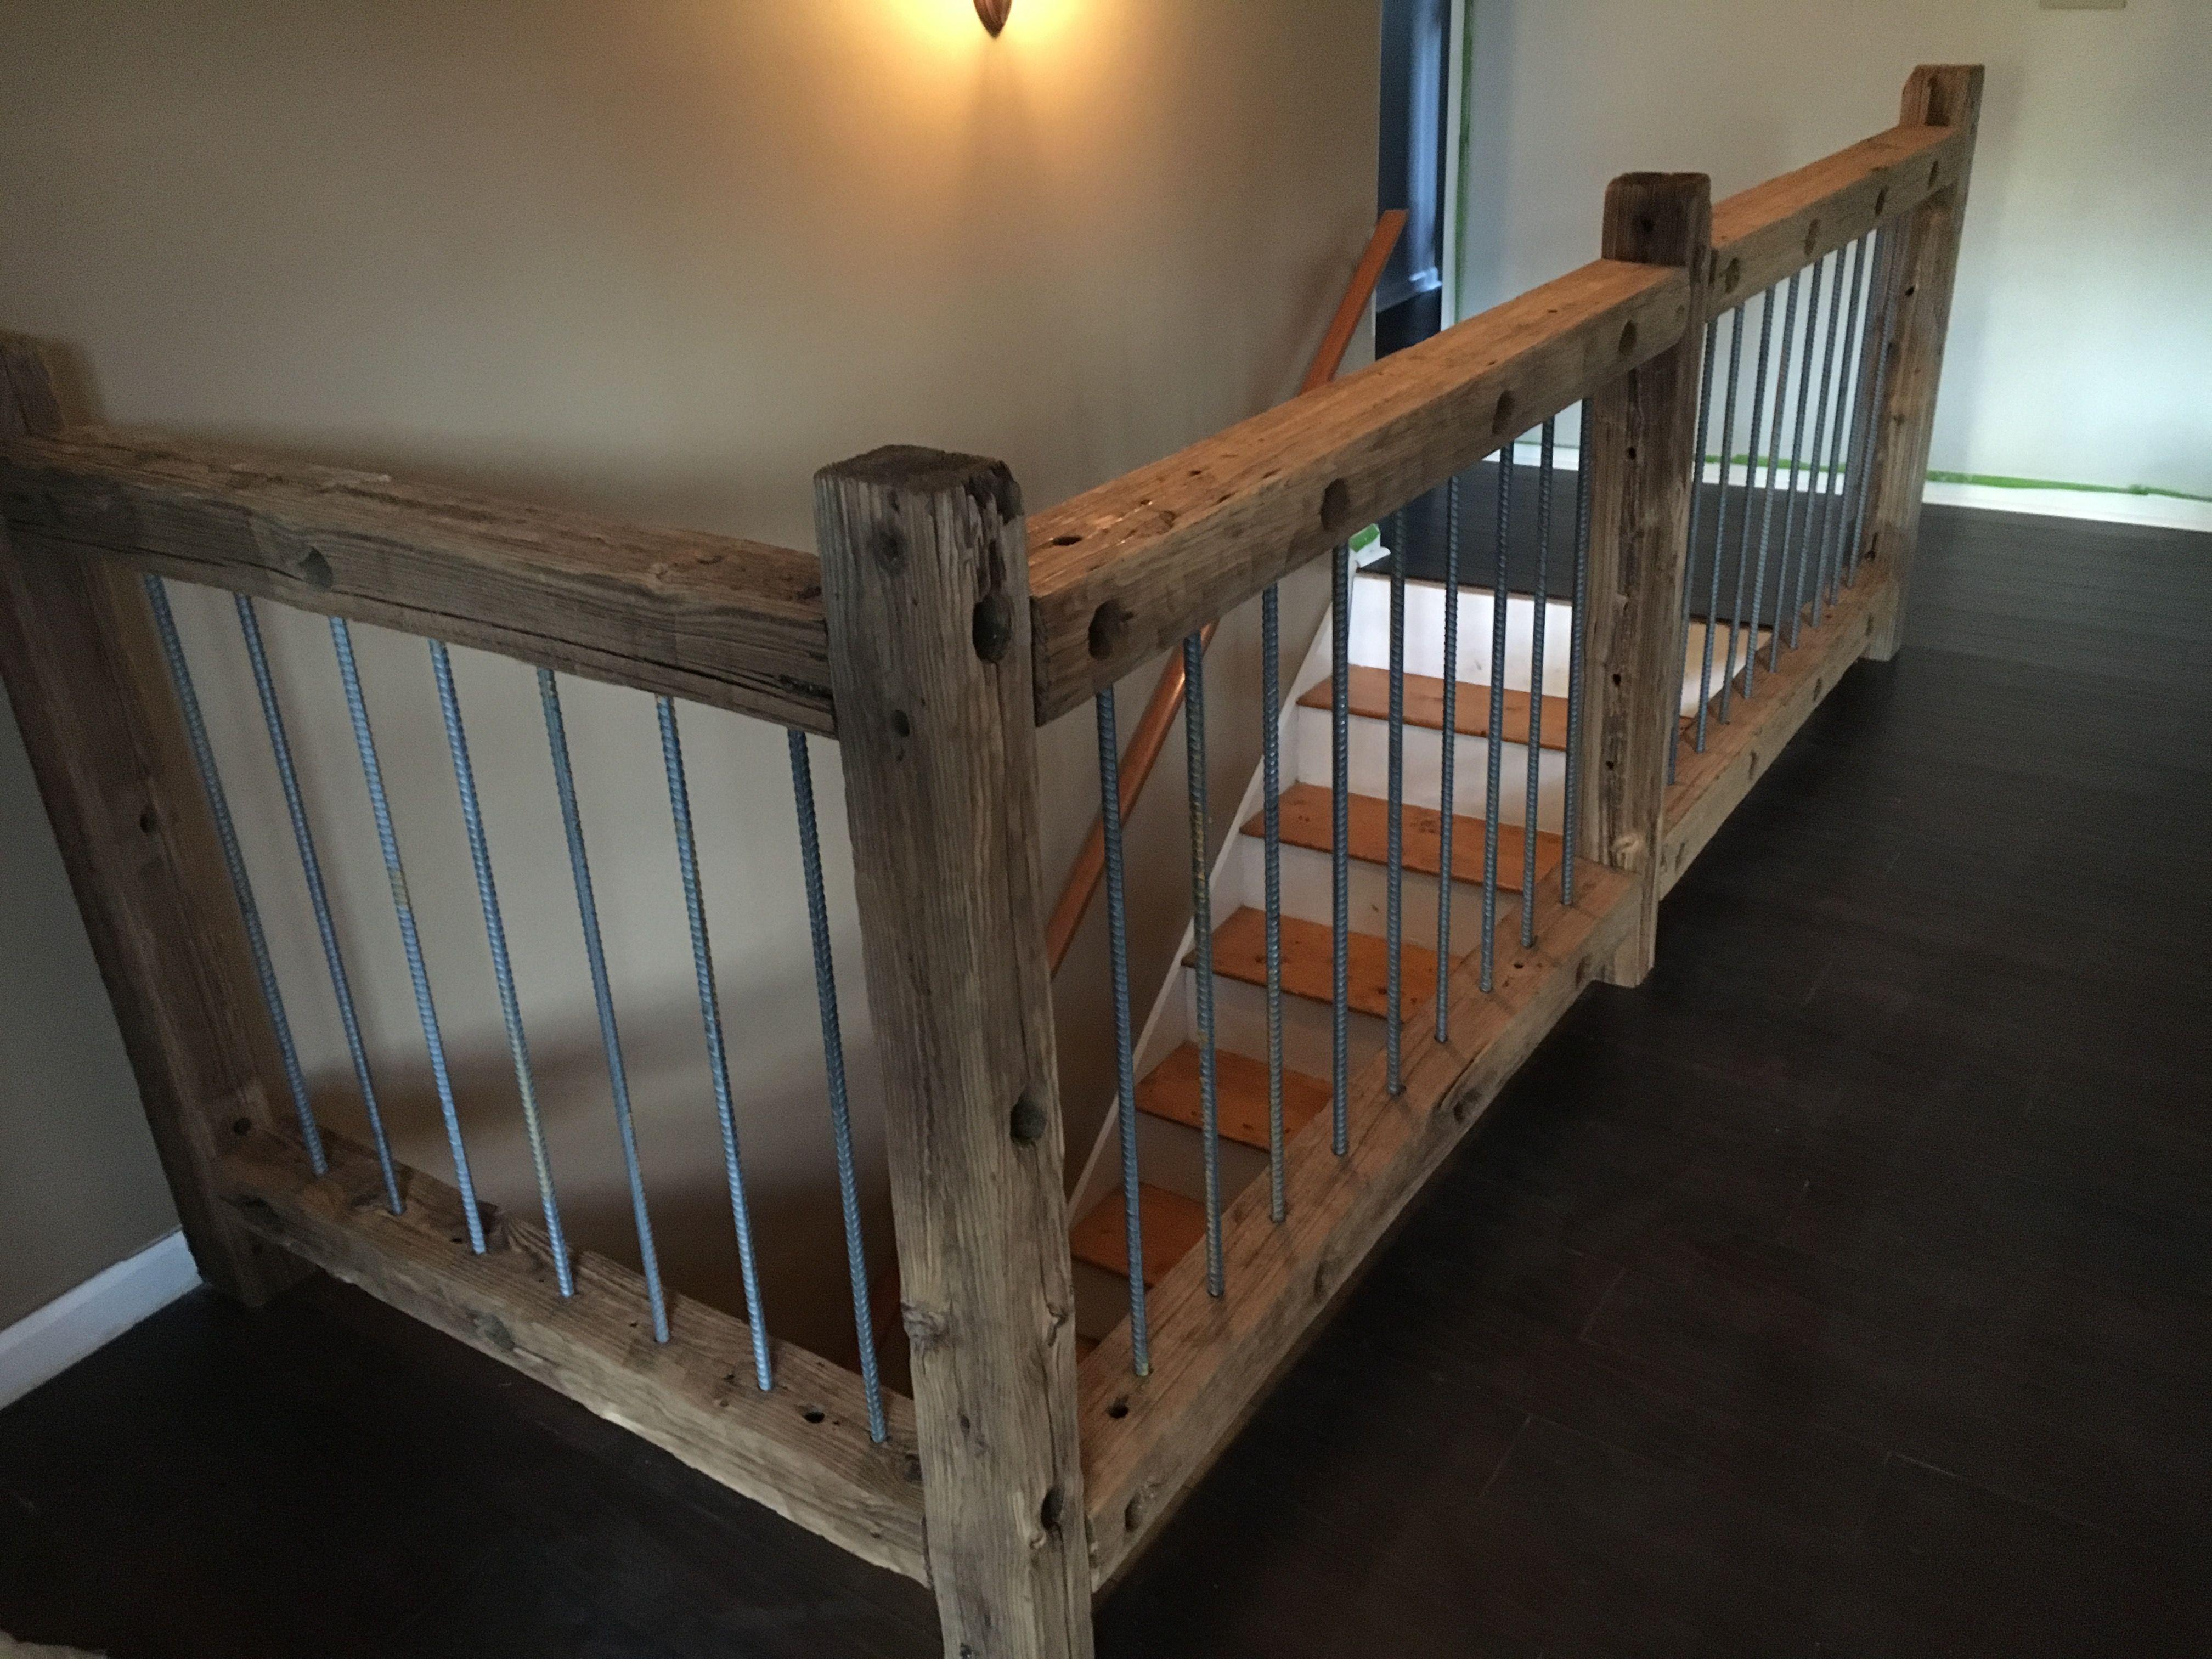 Rustic Mountian Stair Railings: Stairs Railings In 2019